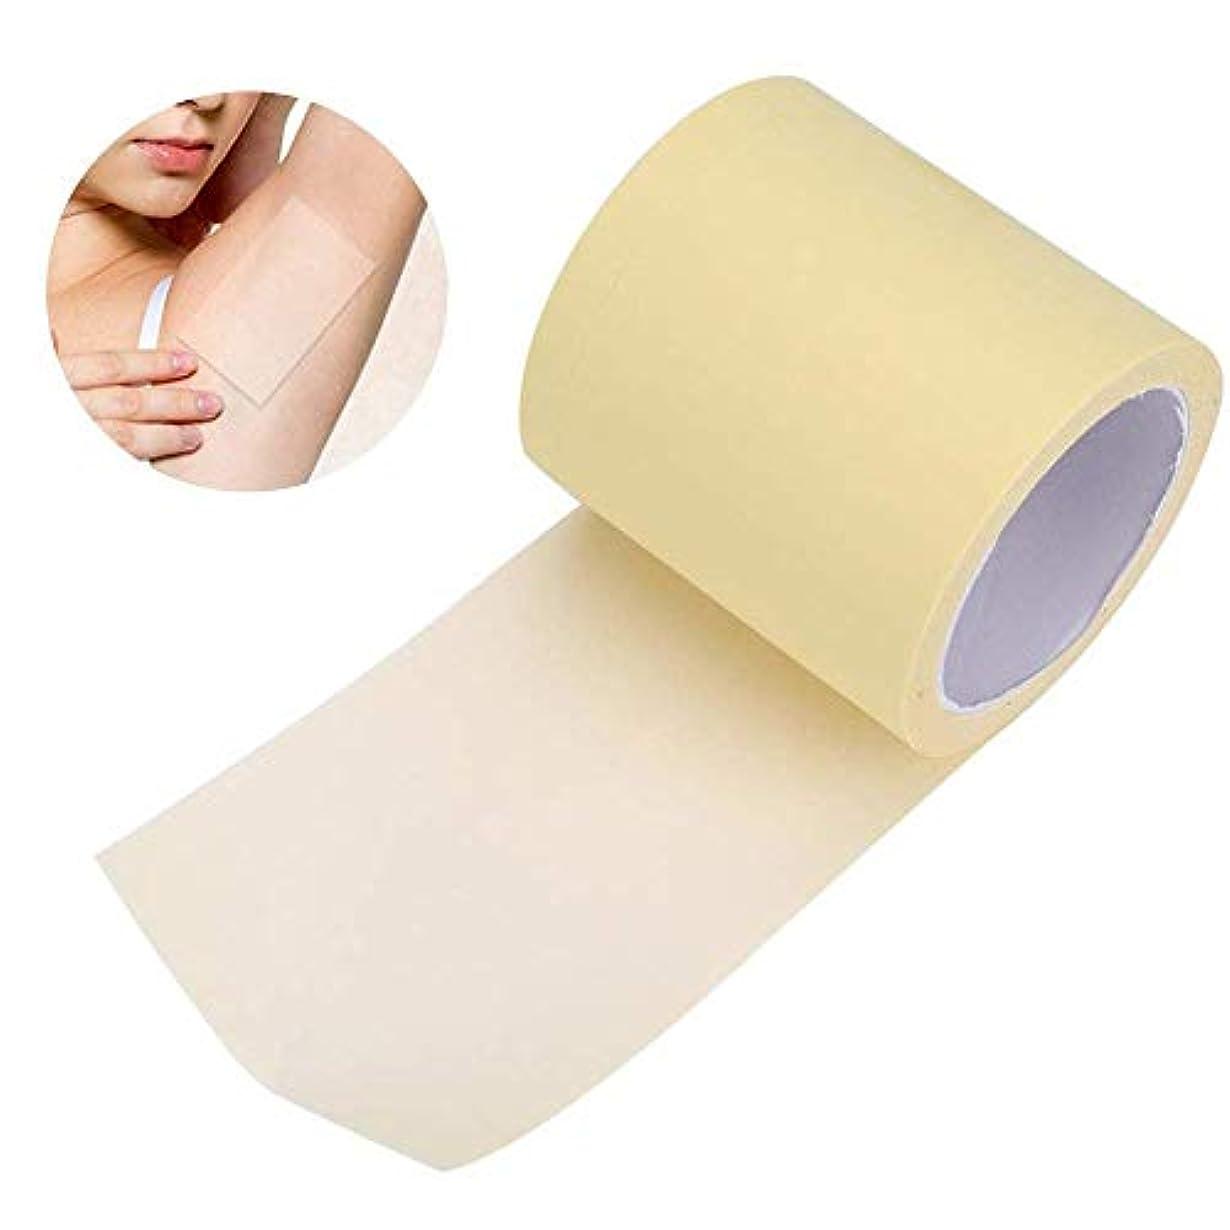 生き残り著者スパイAomgsd 汗止めパッド 脇の下汗パッド 皮膚に優しい 脇の汗染み防止 抗菌加工 超薄型 透明 男性/女性対応 (タイプ1)